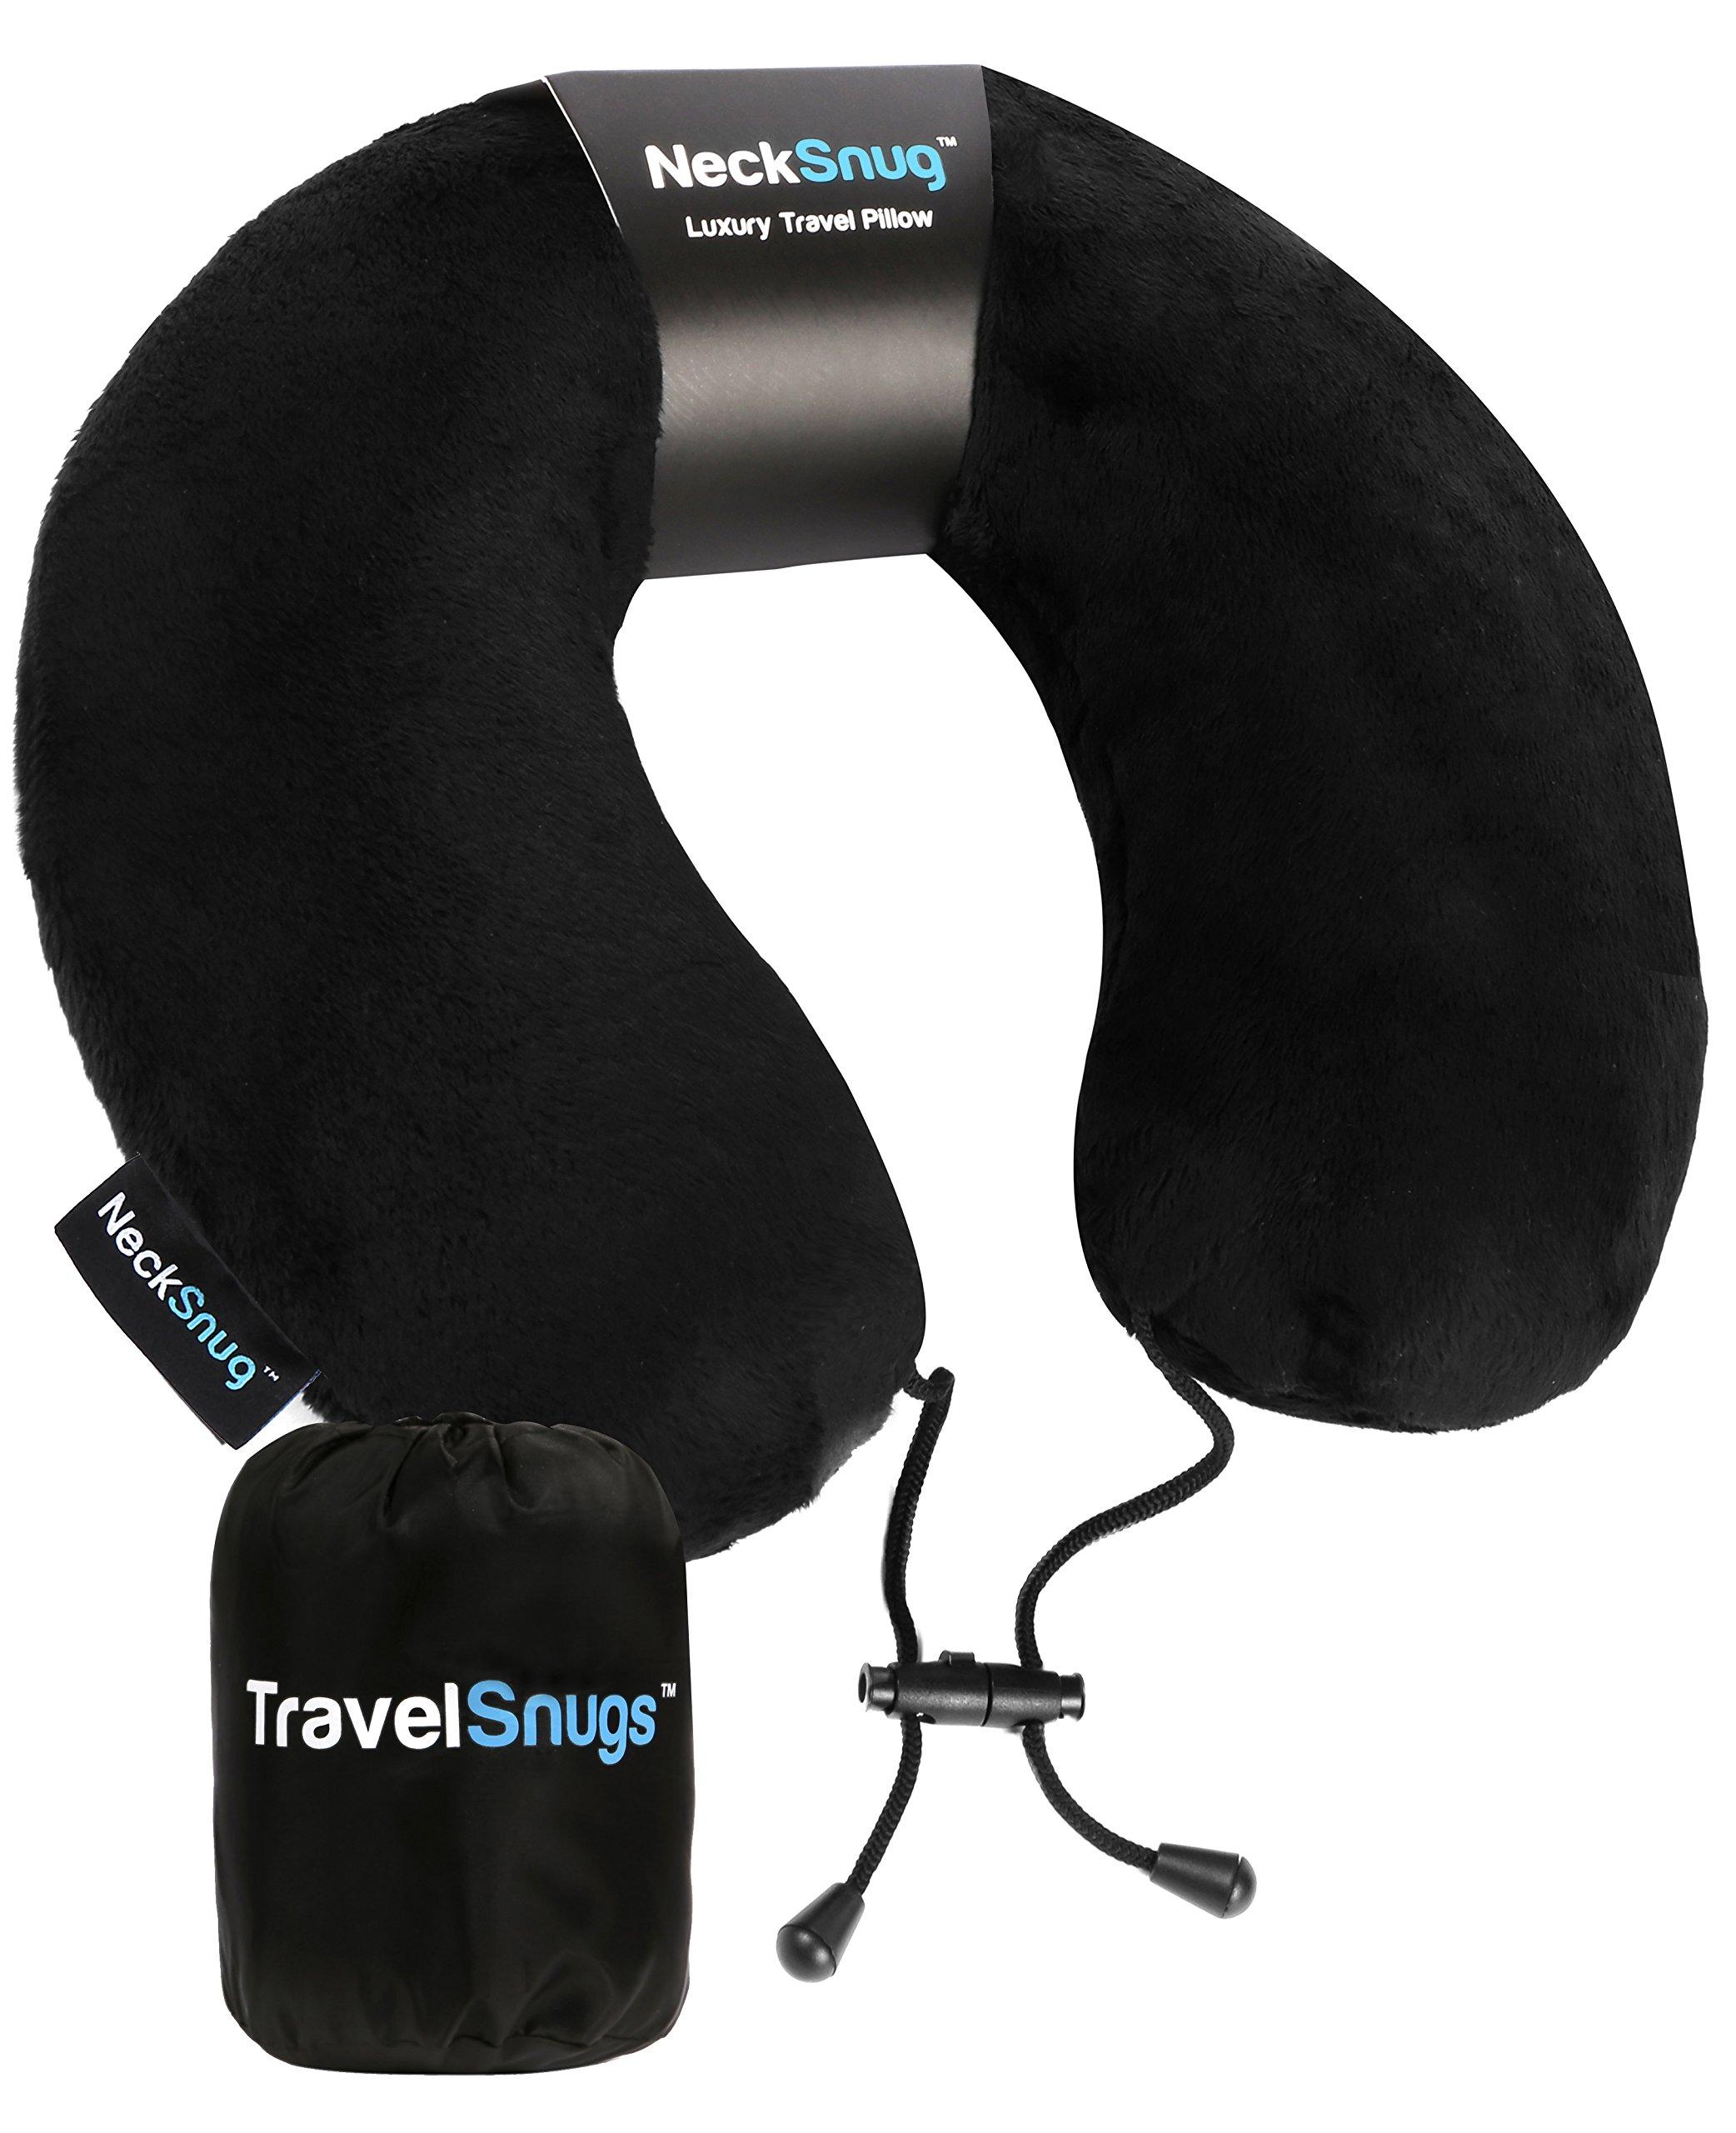 TravelSnugs NeckSnug - Luxury Travel Pillow - Memory Foam Neck Pillow for Travel